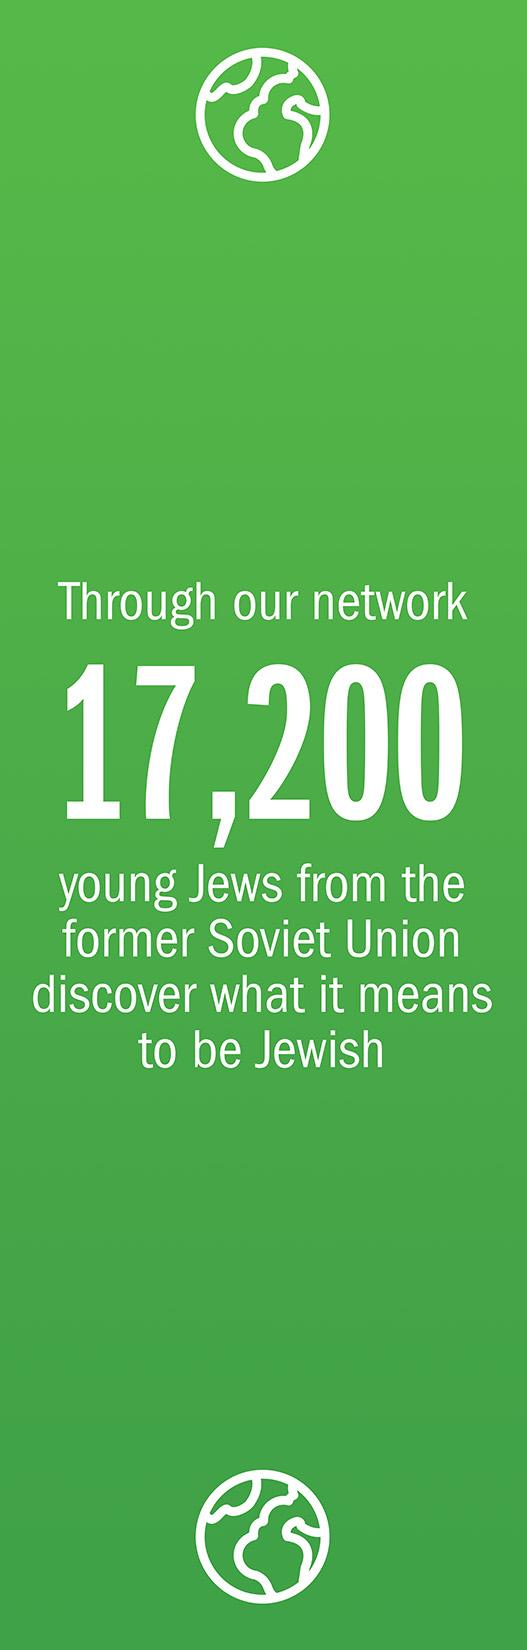 UJA Global Community Banner rev06 Side B.jpg